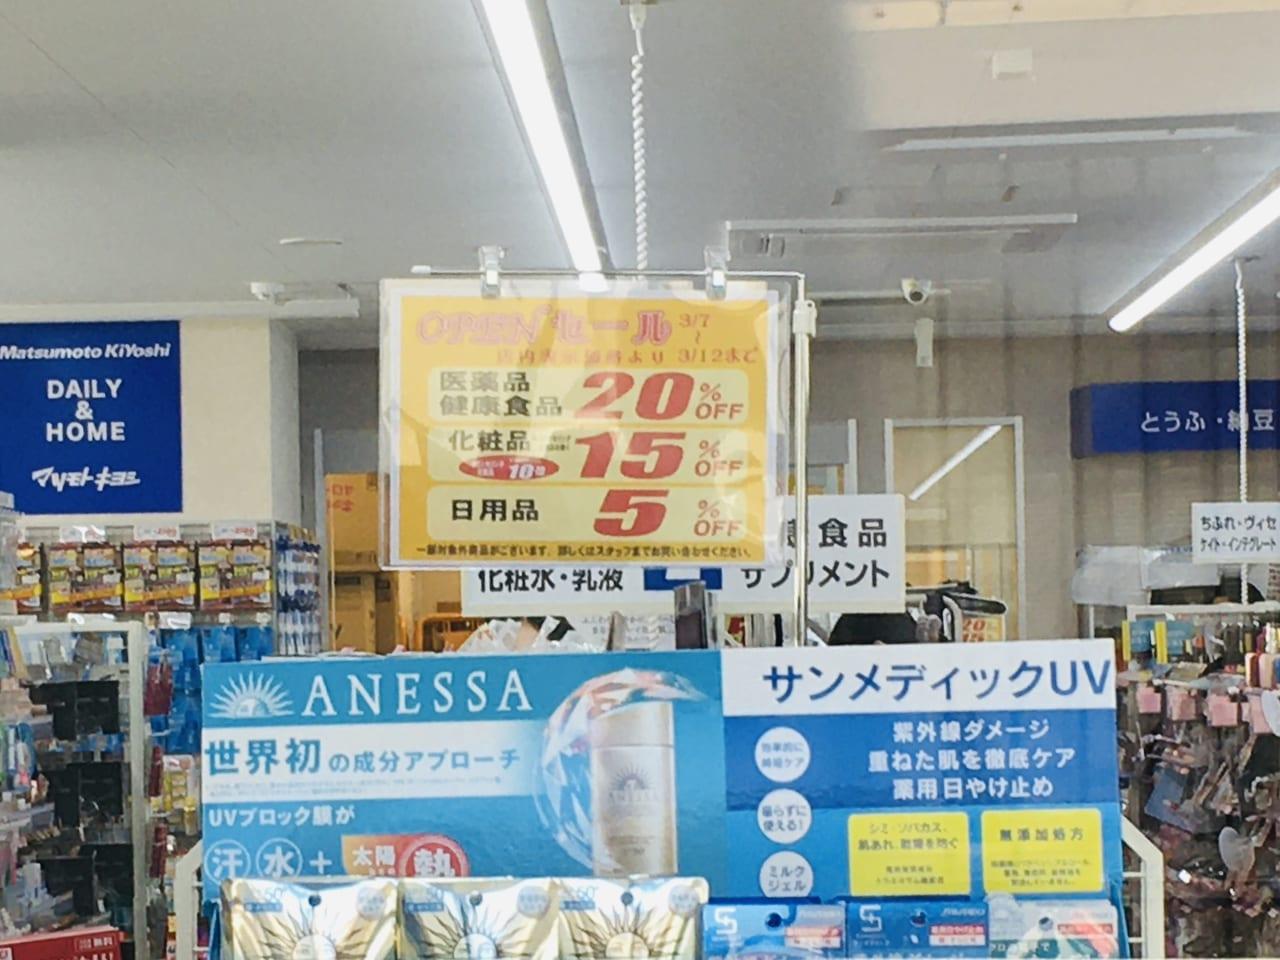 マツモトキヨシ マスク 入荷 2月27日付|マスク入荷,売り切れ情報!売ってる店,買える時間帯は?